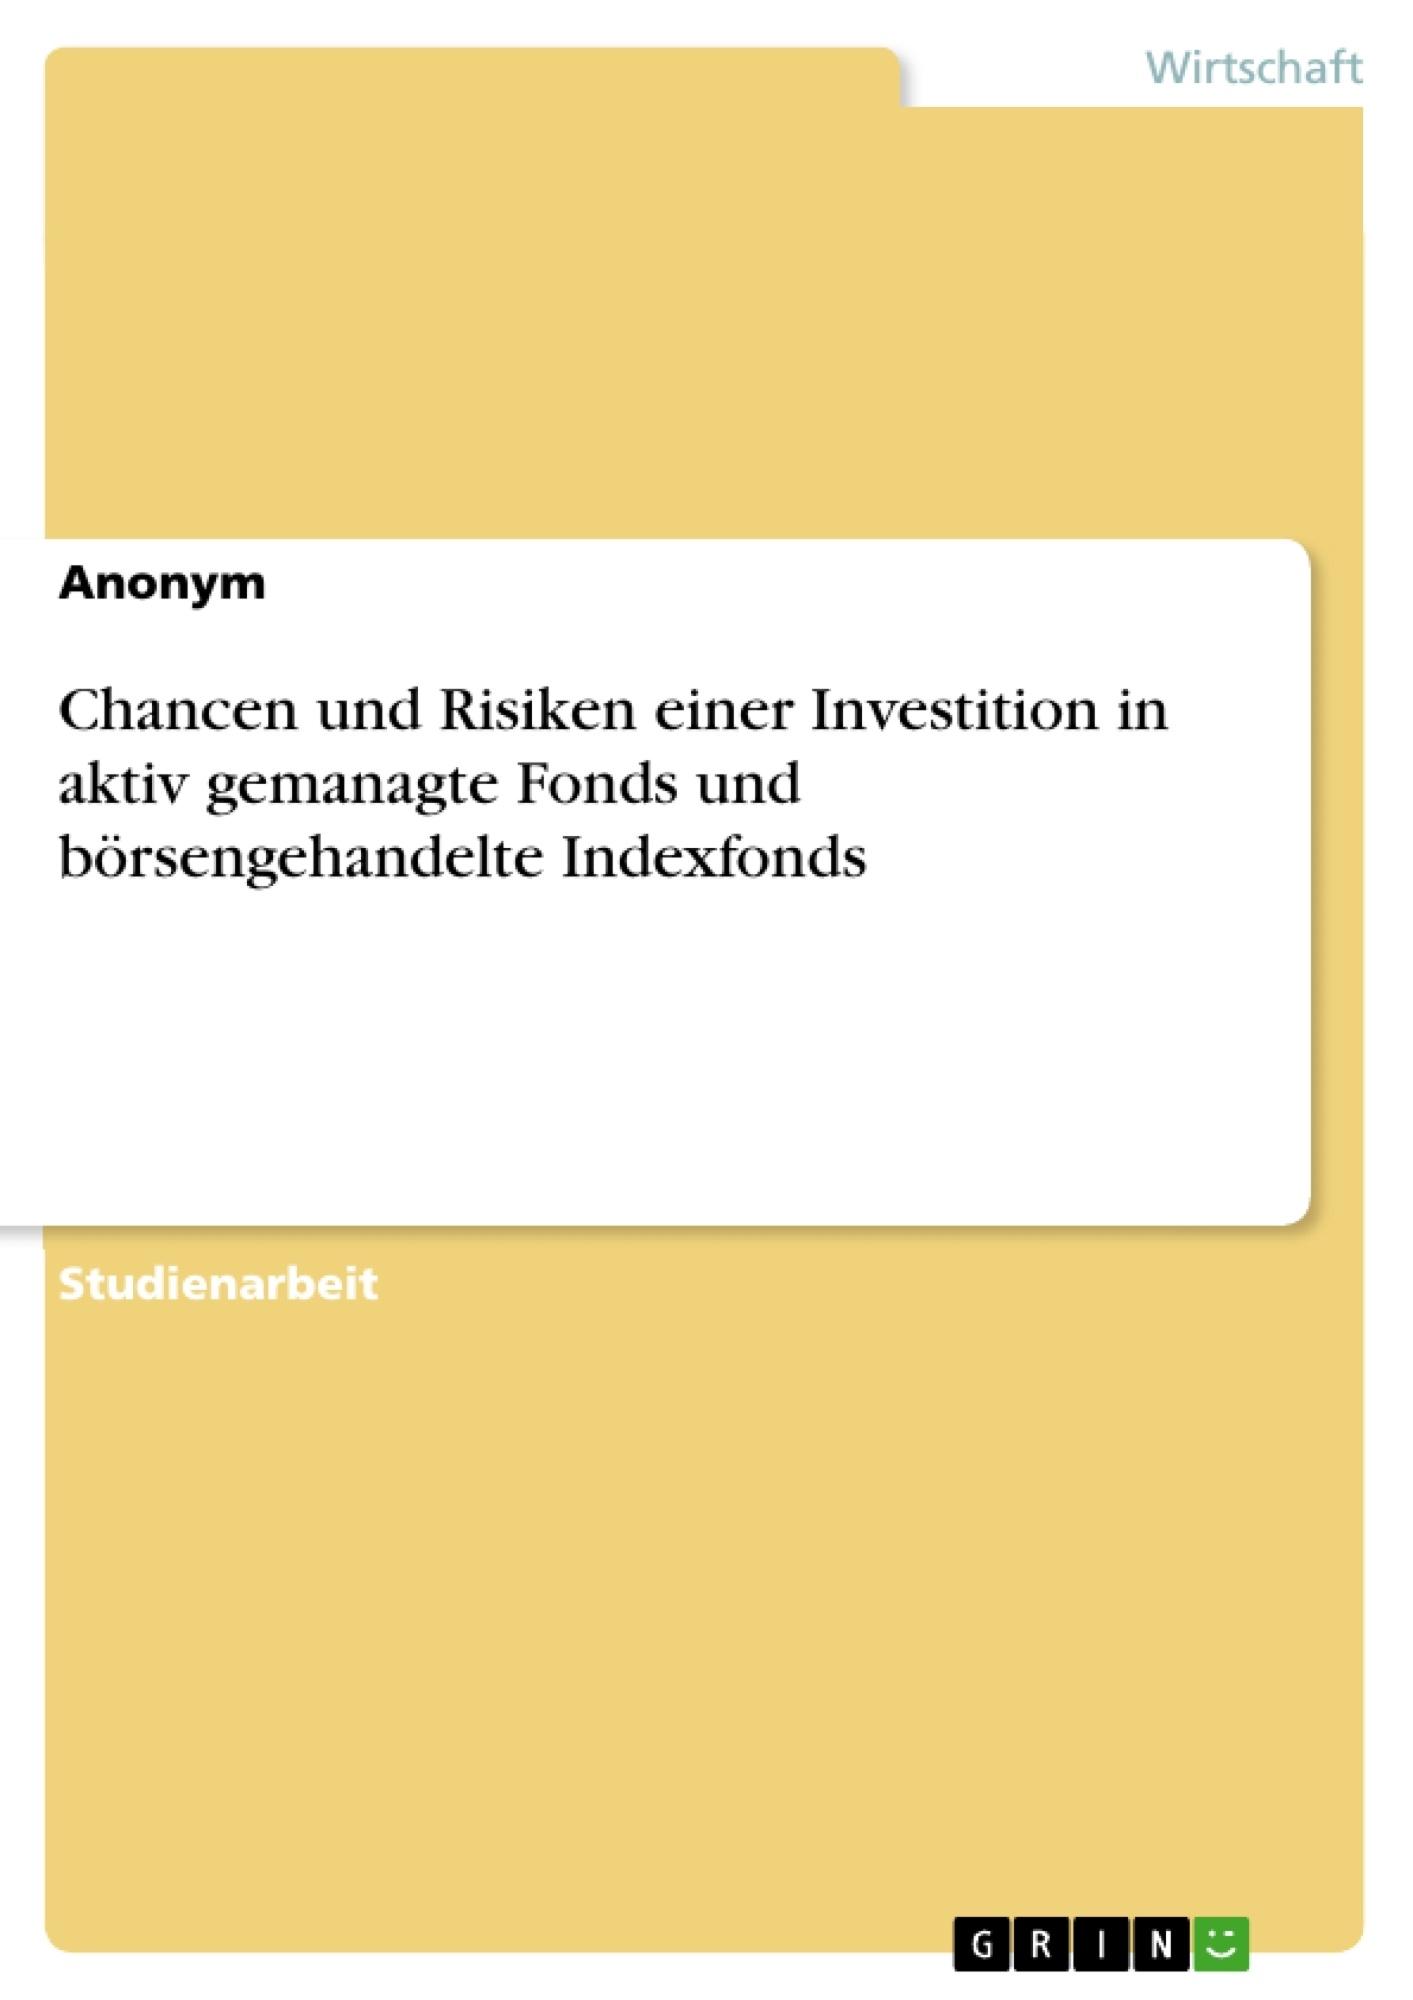 Titel: Chancen und Risiken einer Investition in aktiv gemanagte Fonds und börsengehandelte Indexfonds